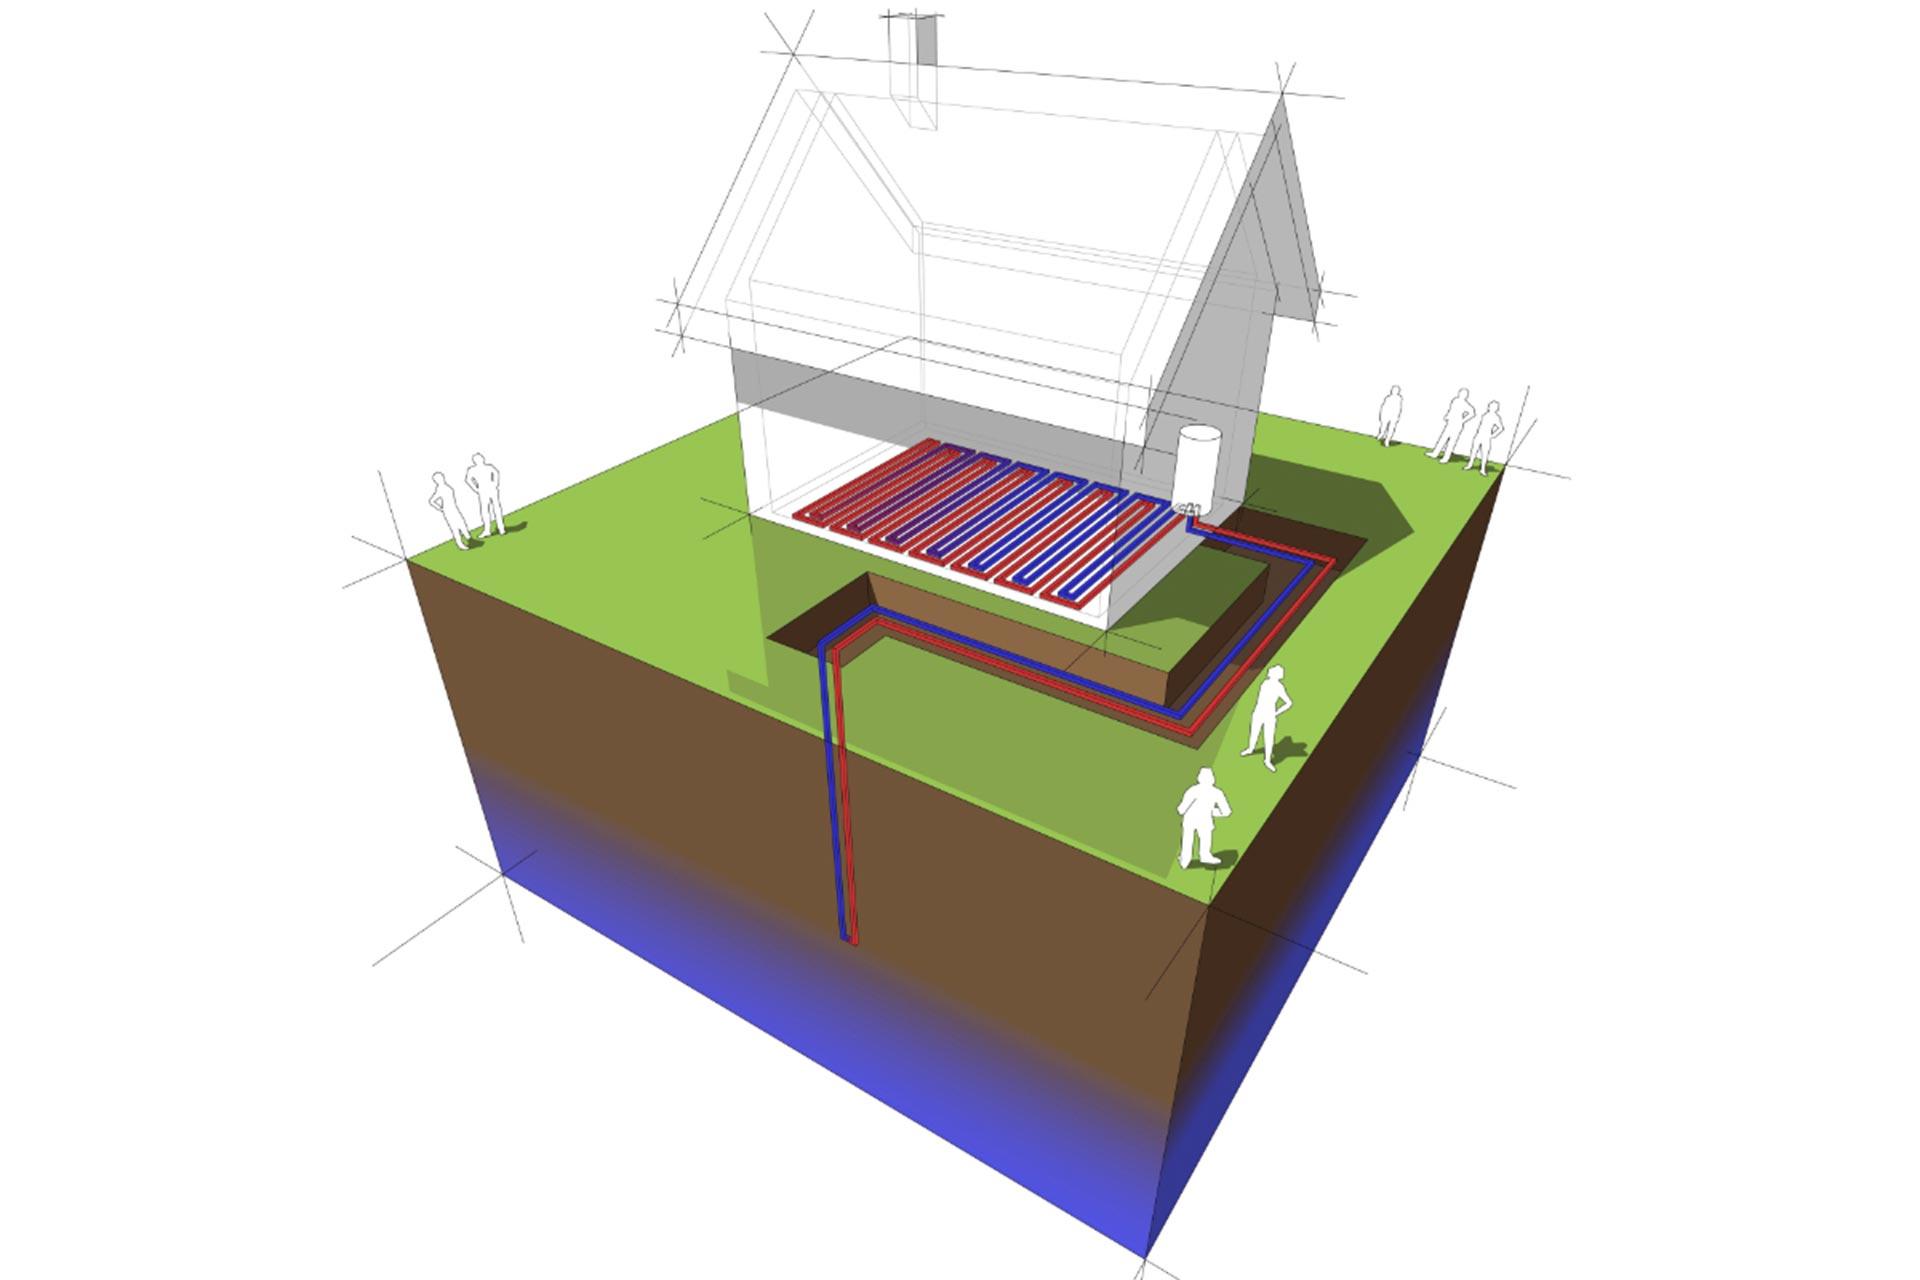 warmtepomp integreren tijdens verbouwingswerken (grond)